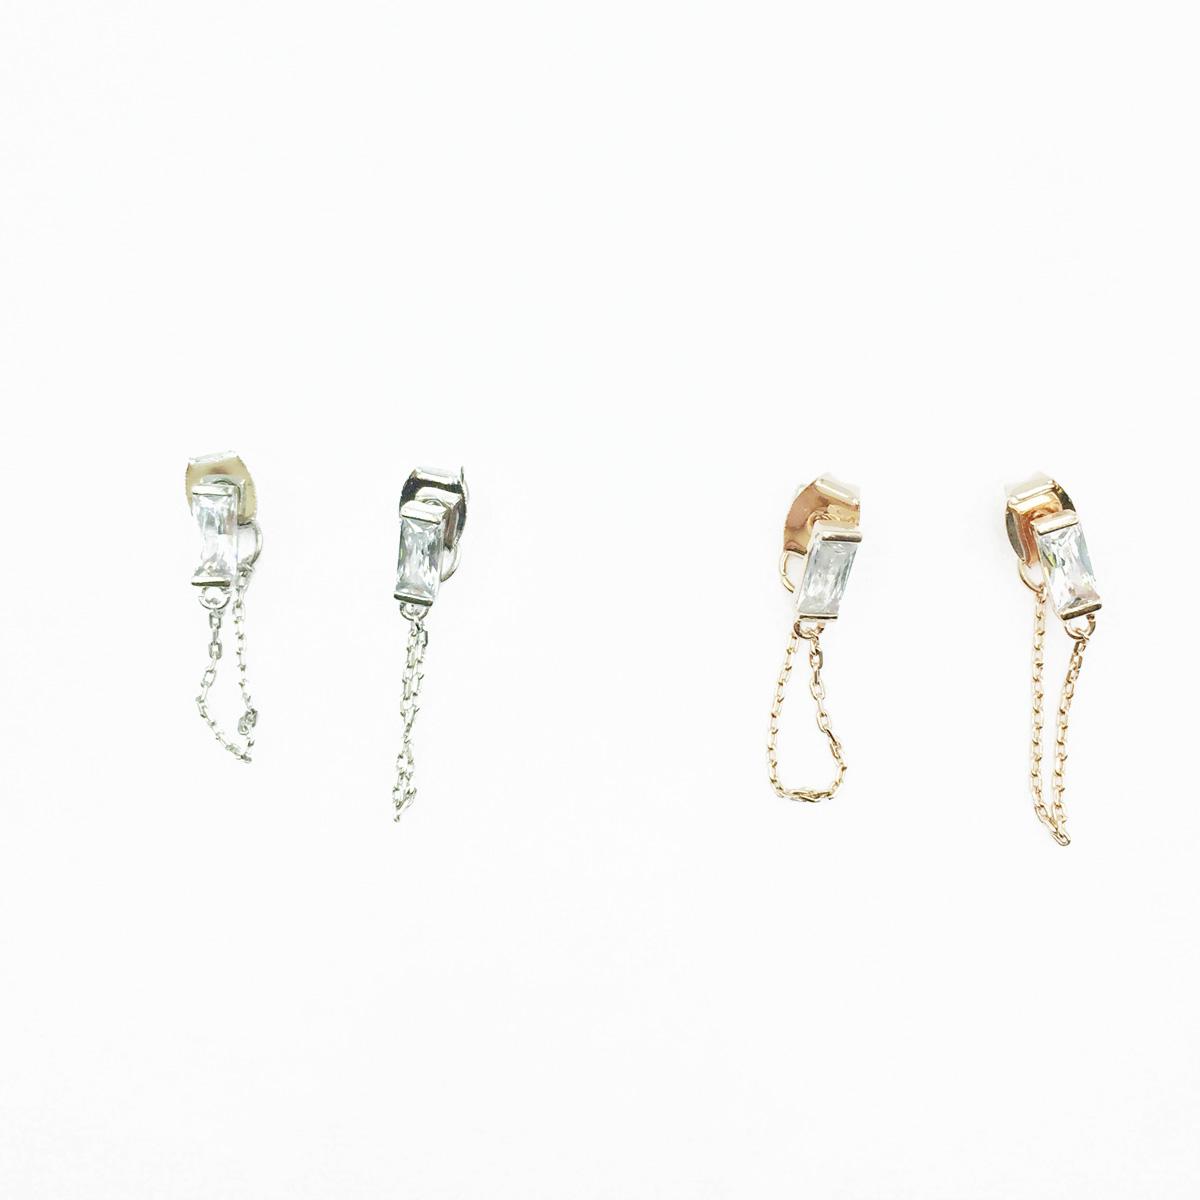 韓國 925純銀 長方水鑽 金屬鍊 優雅 2色 垂墜感 耳針式耳環